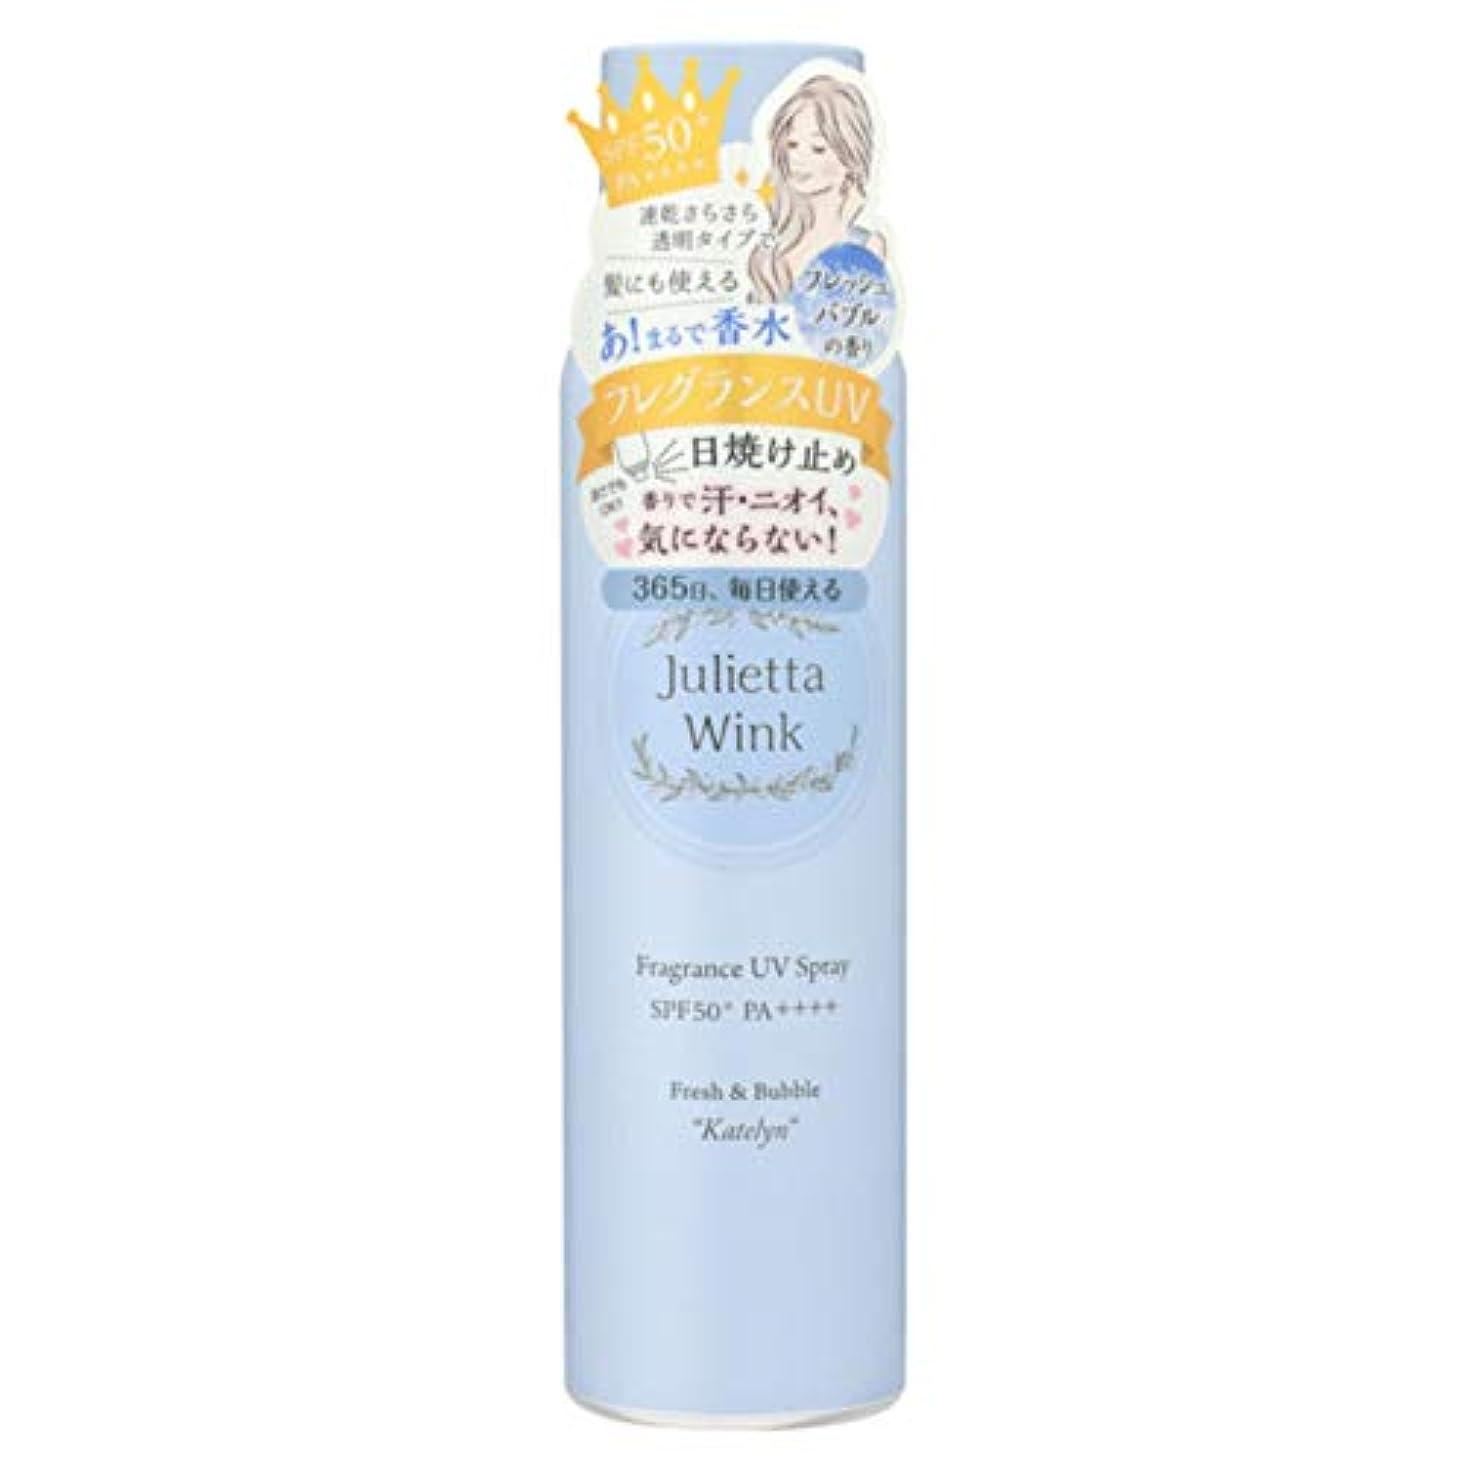 使用法突破口真鍮ジュリエッタウィンク フレグランス UVスプレー[ケイトリン]100g フレッシュバブルの香り(ブルー)